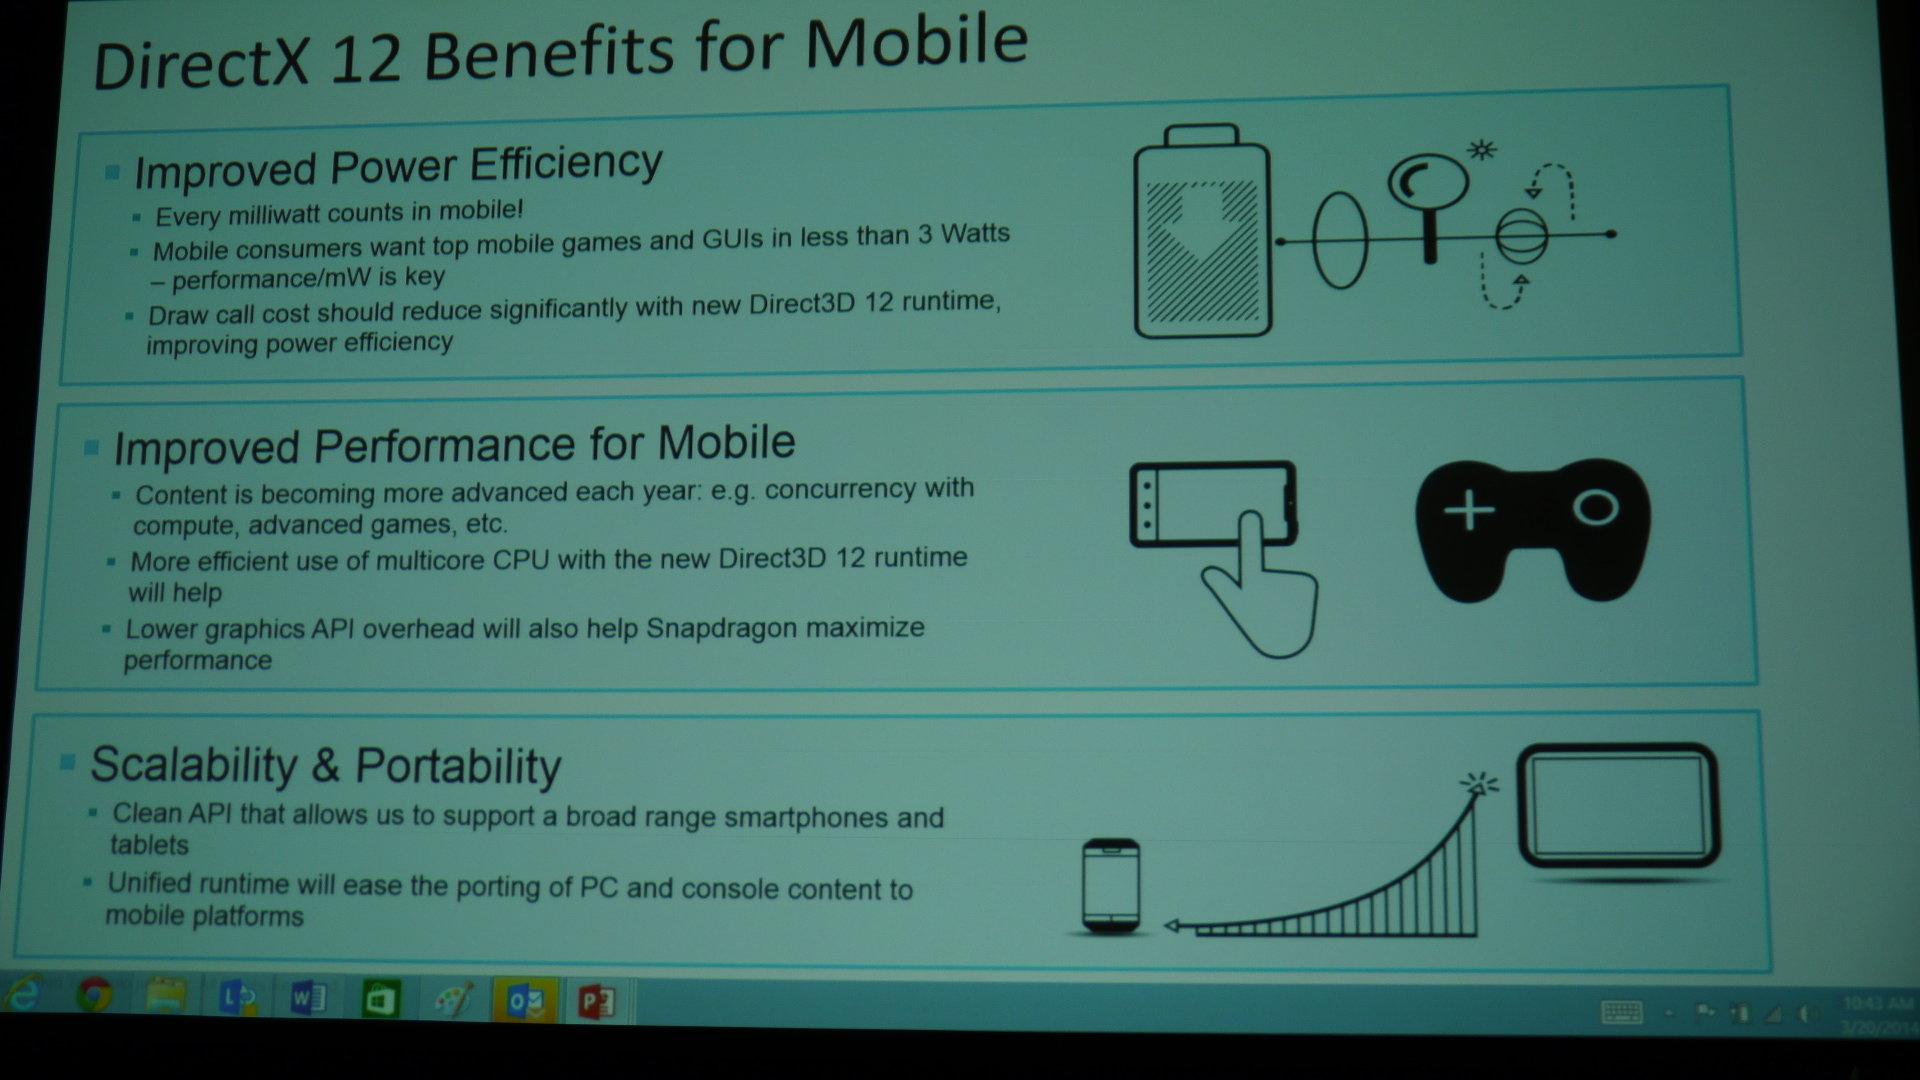 Vorteile durch DirectX 12 für Mobilplattformen